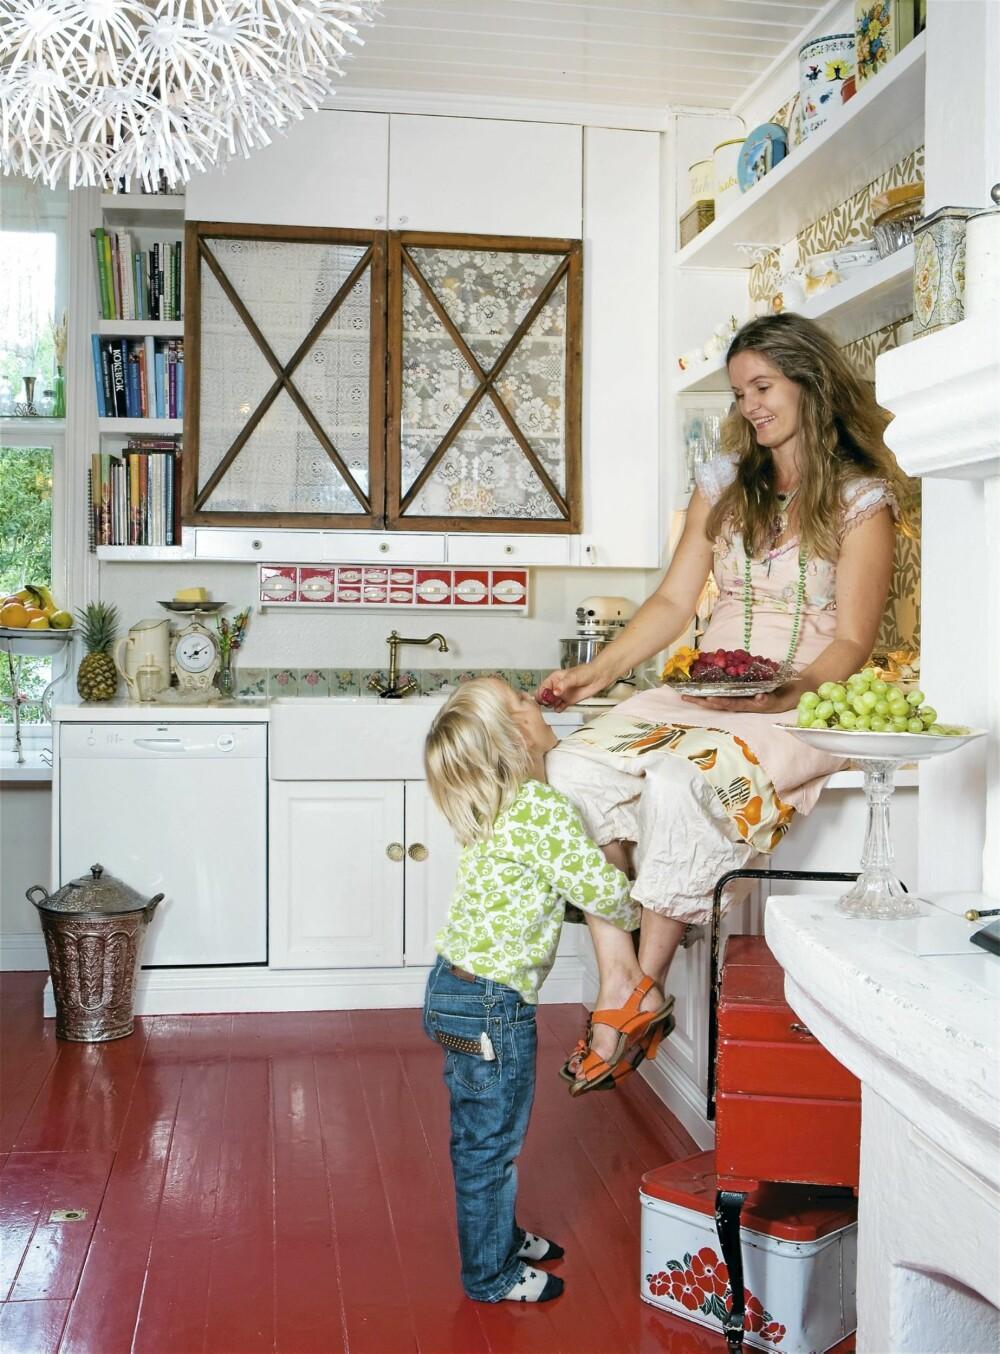 SKAPVINDUER: Skapdørene på kjøkkenet er laget av gamle vinduer med blonder stiftet fast på innsiden. Den røde krydderhyllen fikk Line av broren sin da hun fylte 40 år. Fargen på gulvet er hentet fra denne. Planen er å flytte kjøkkenet til den lyseste delen av huset.